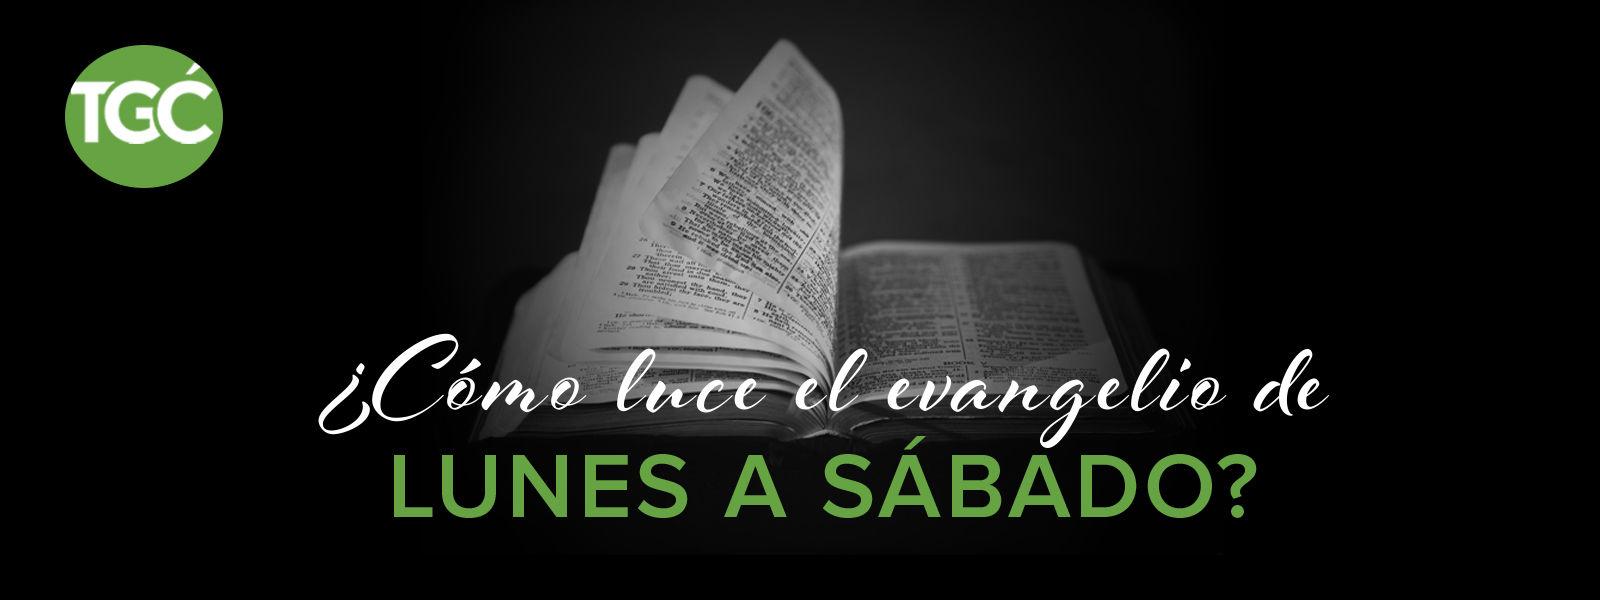 ¿Cómo luce el evangelio de lunes a sábado?